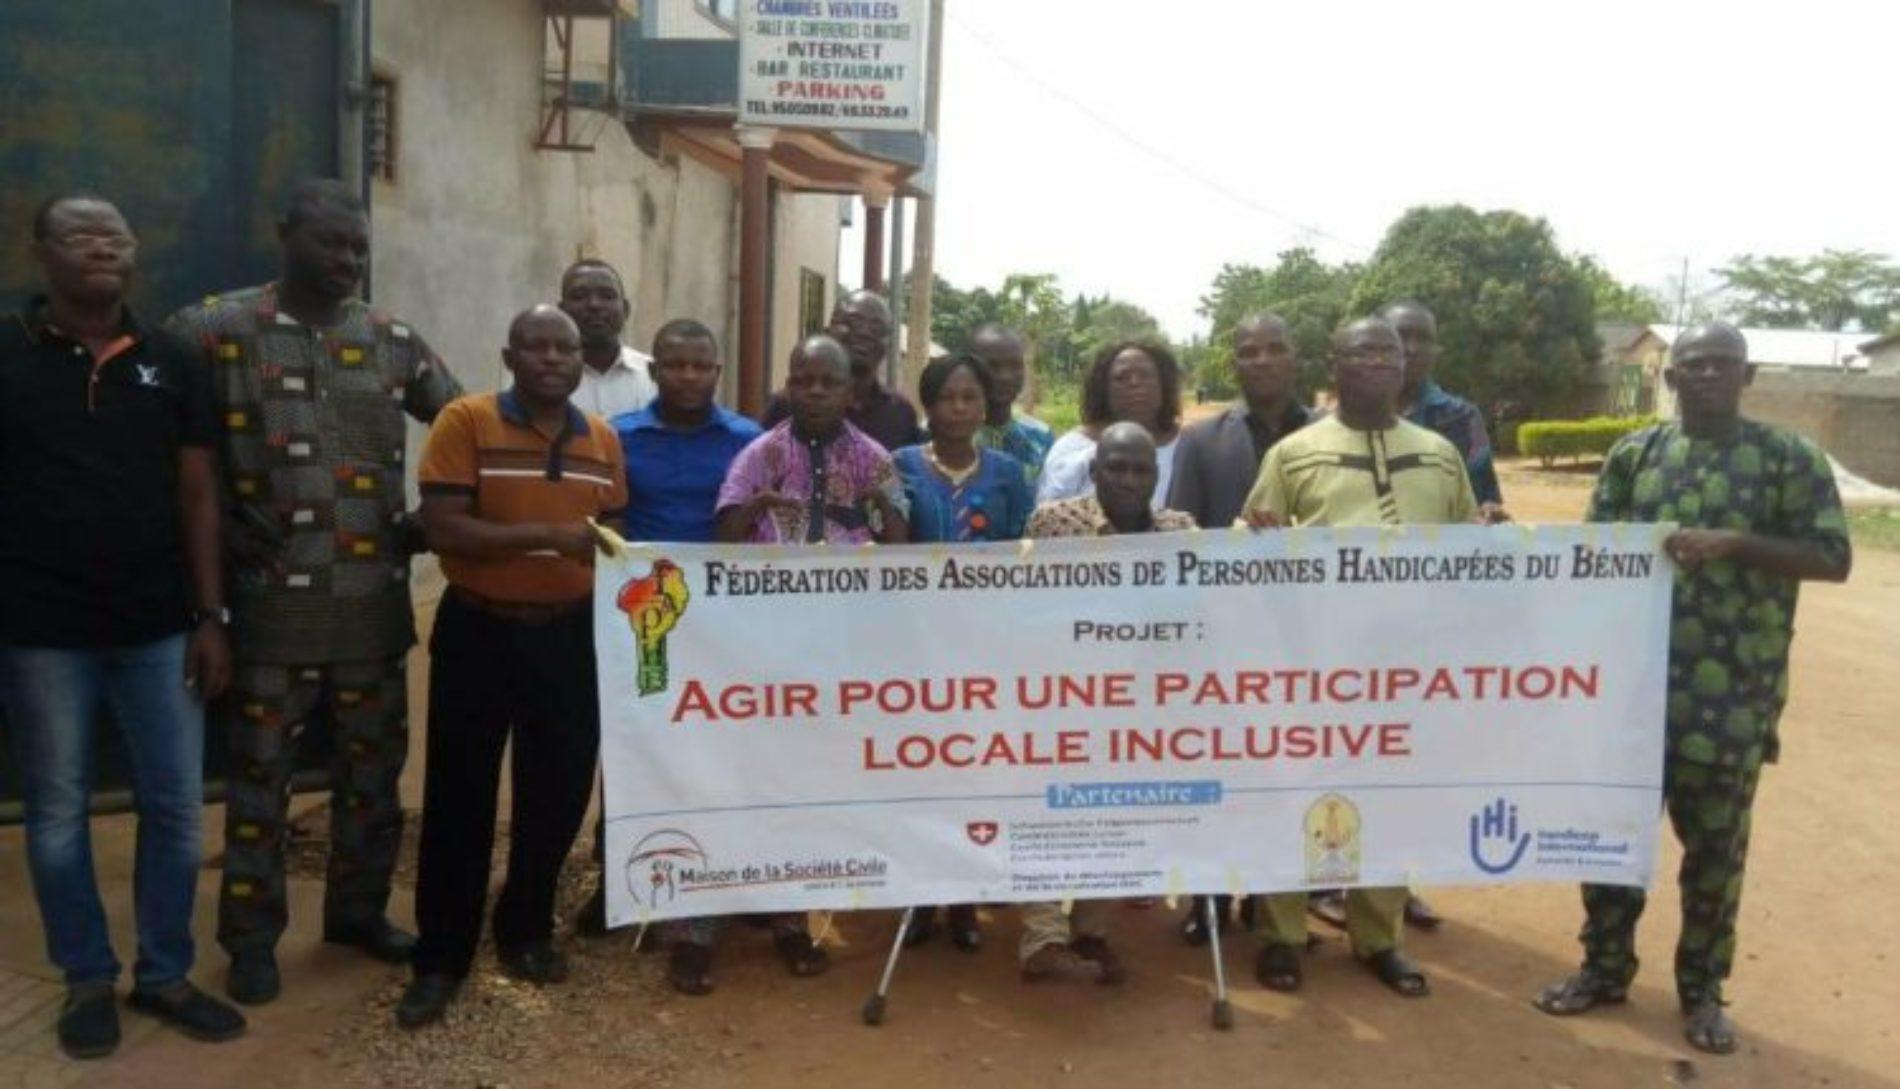 Bénin : les personnes handicapées s'impliquent dans le développement local